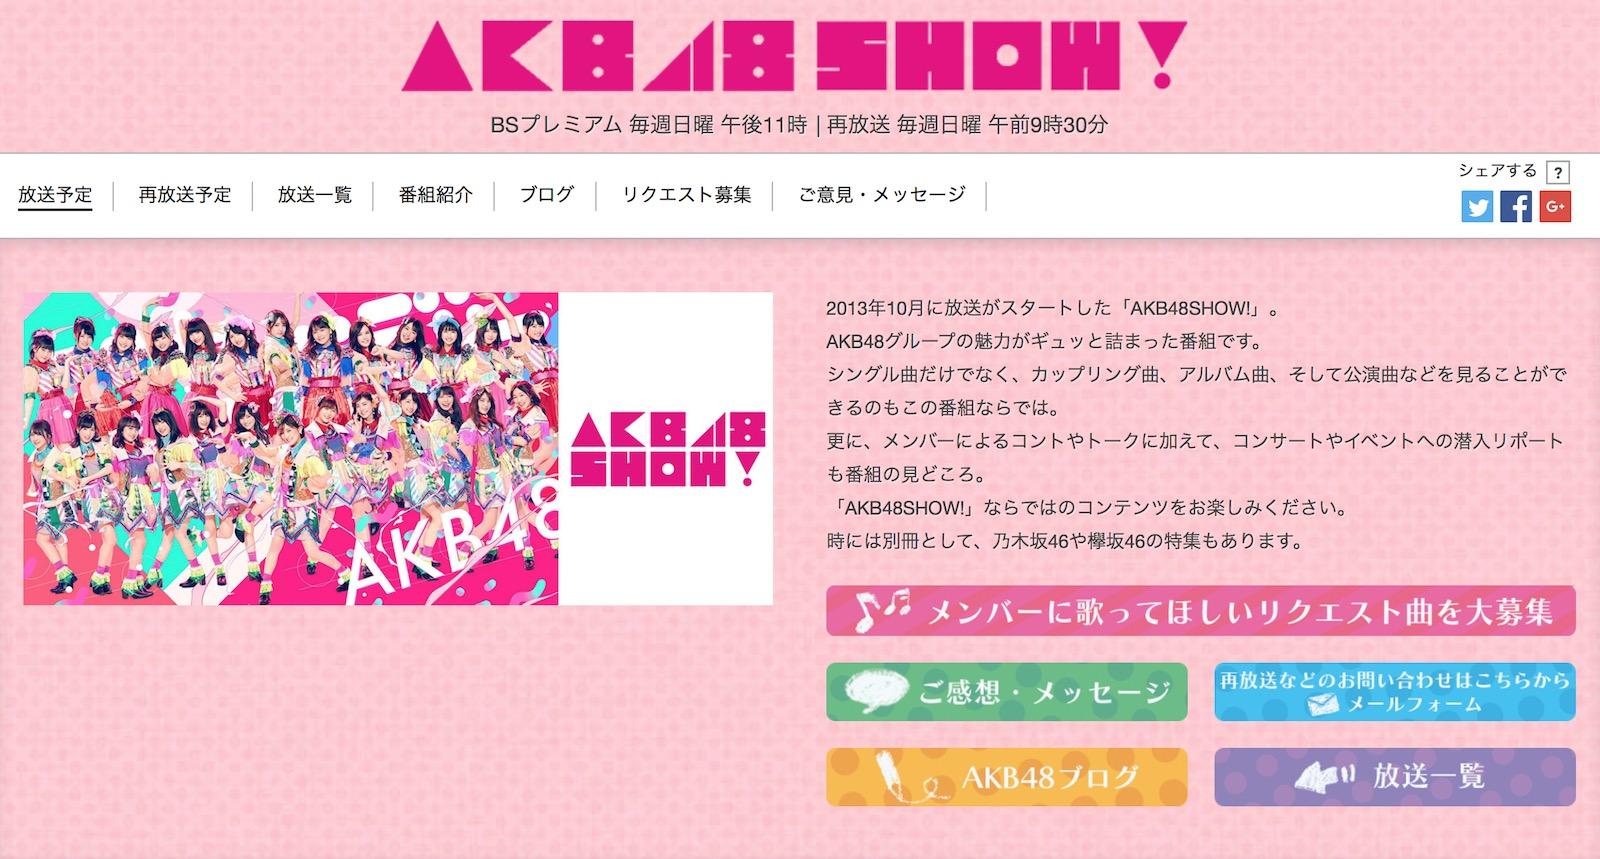 NHK BSプレミアム「AKB48 SHOW!」番組公式サイト